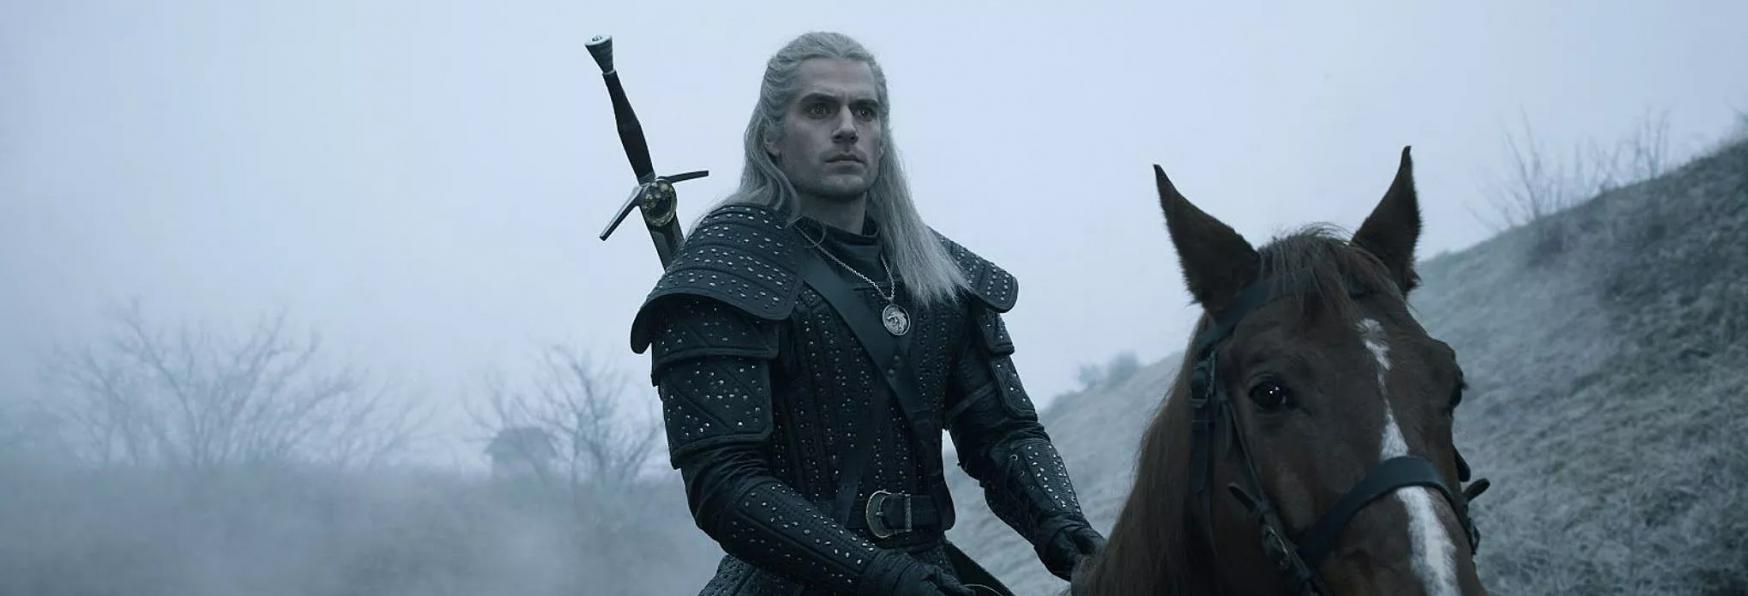 The Witcher: rilasciato l'Epico Trailer Ufficiale della nuova Serie TV